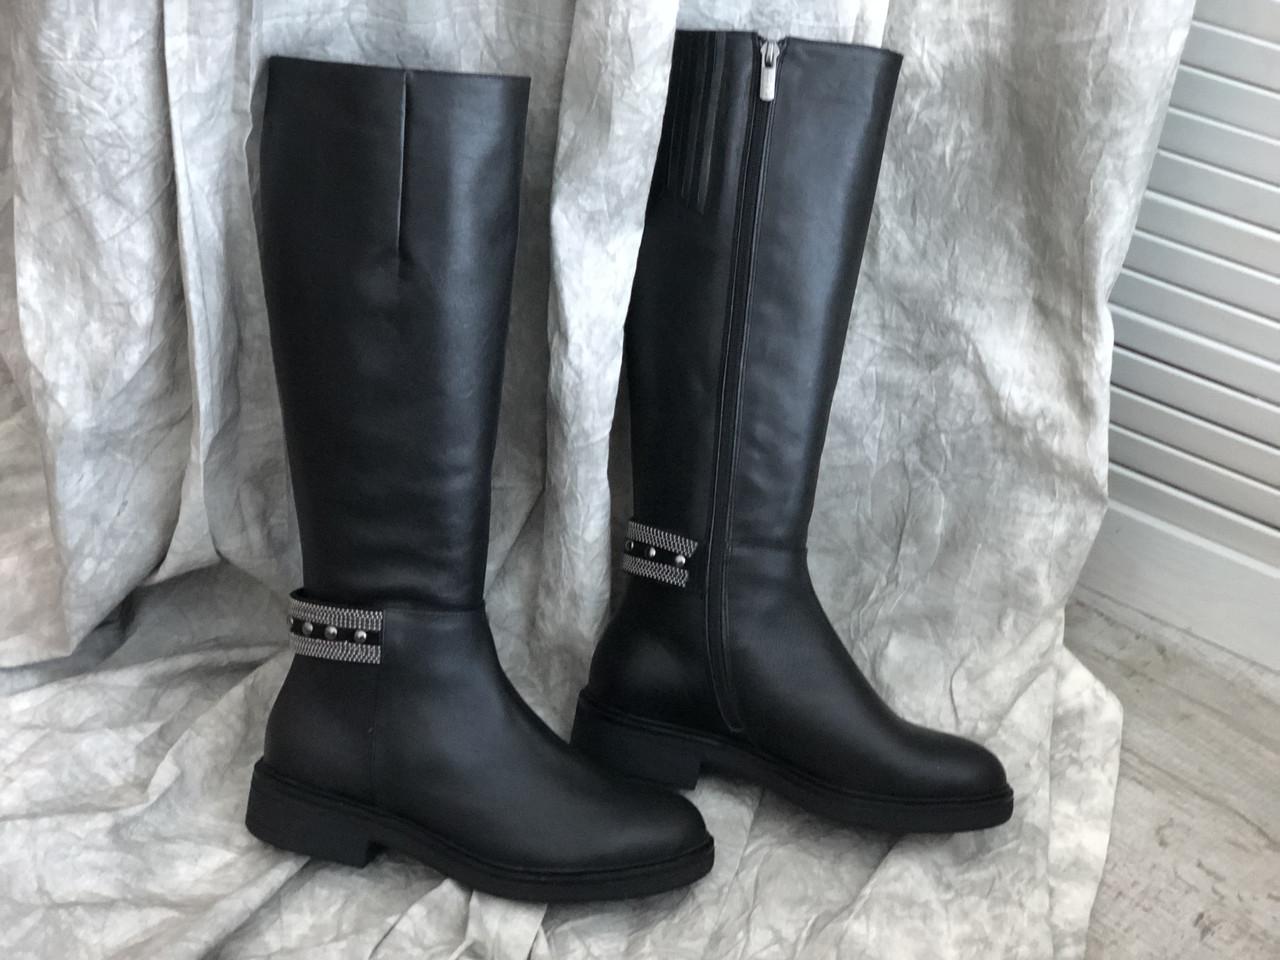 Кожаные женские сапоги высокие чёрные 20-255ч размеры 36-41